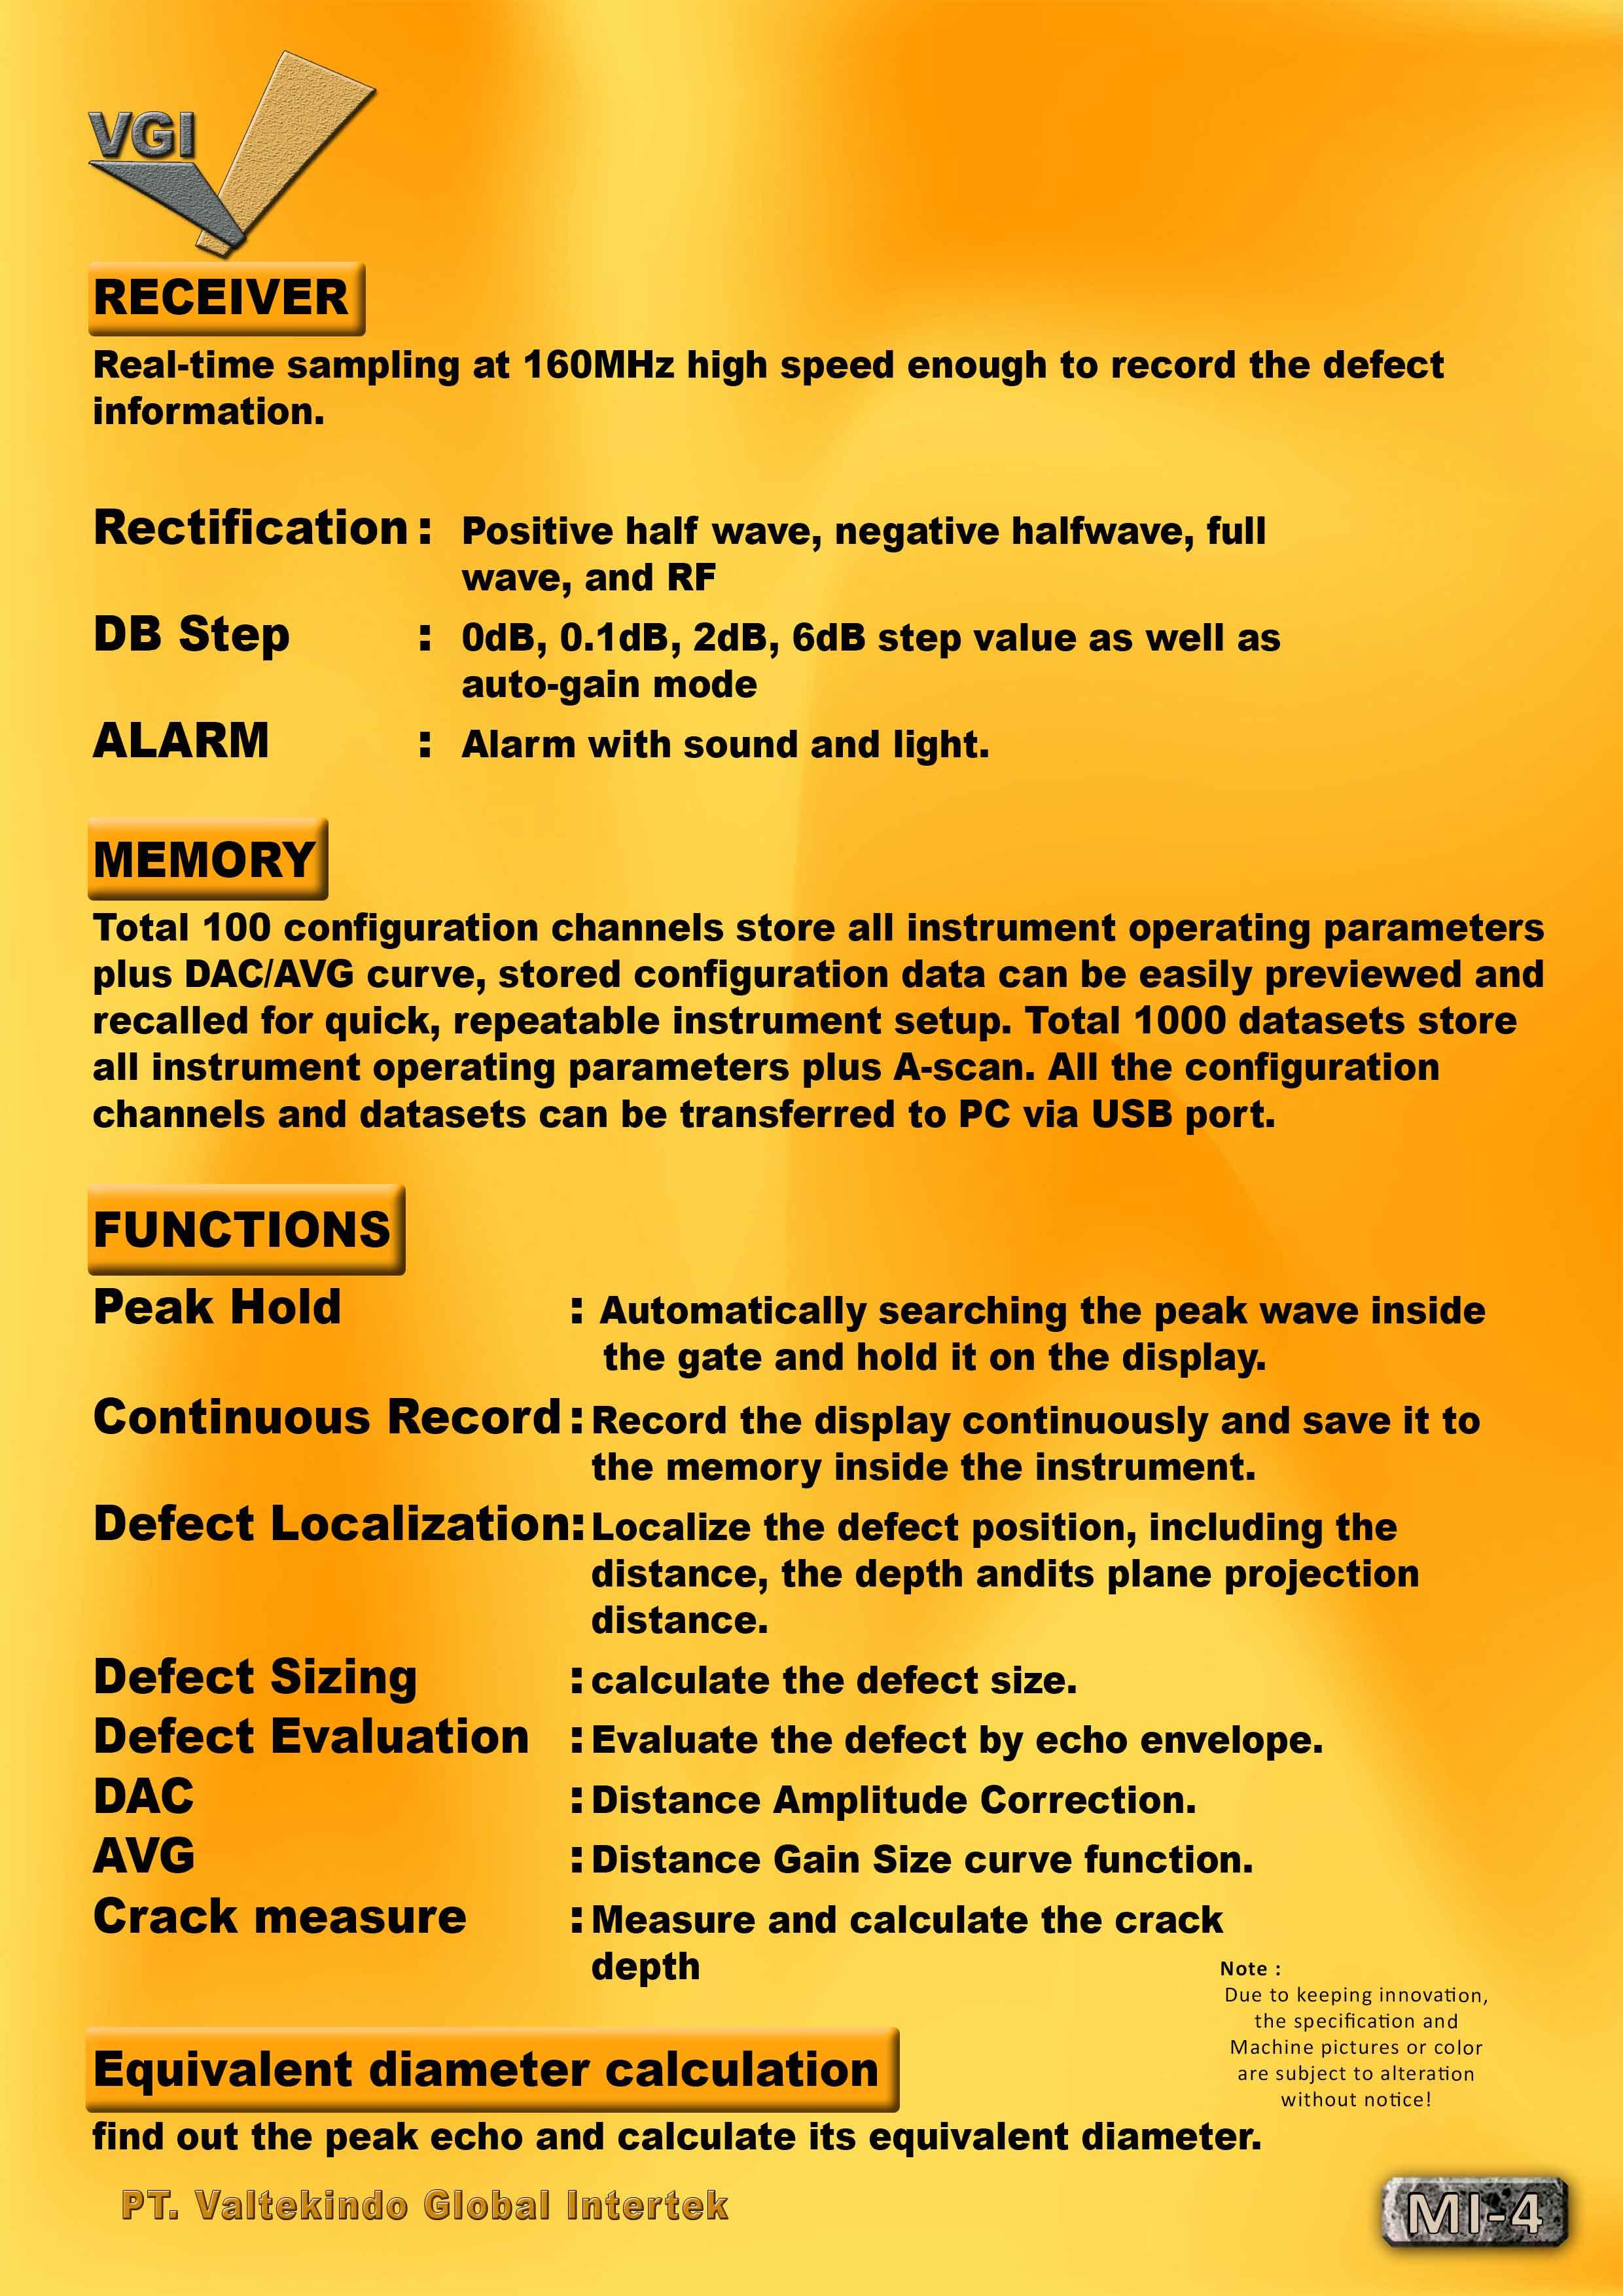 jual mesin Portable Ultrasonic Flaw Detector (Spec)2 Portable Ultrasonic Flaw Detector (Spec)2